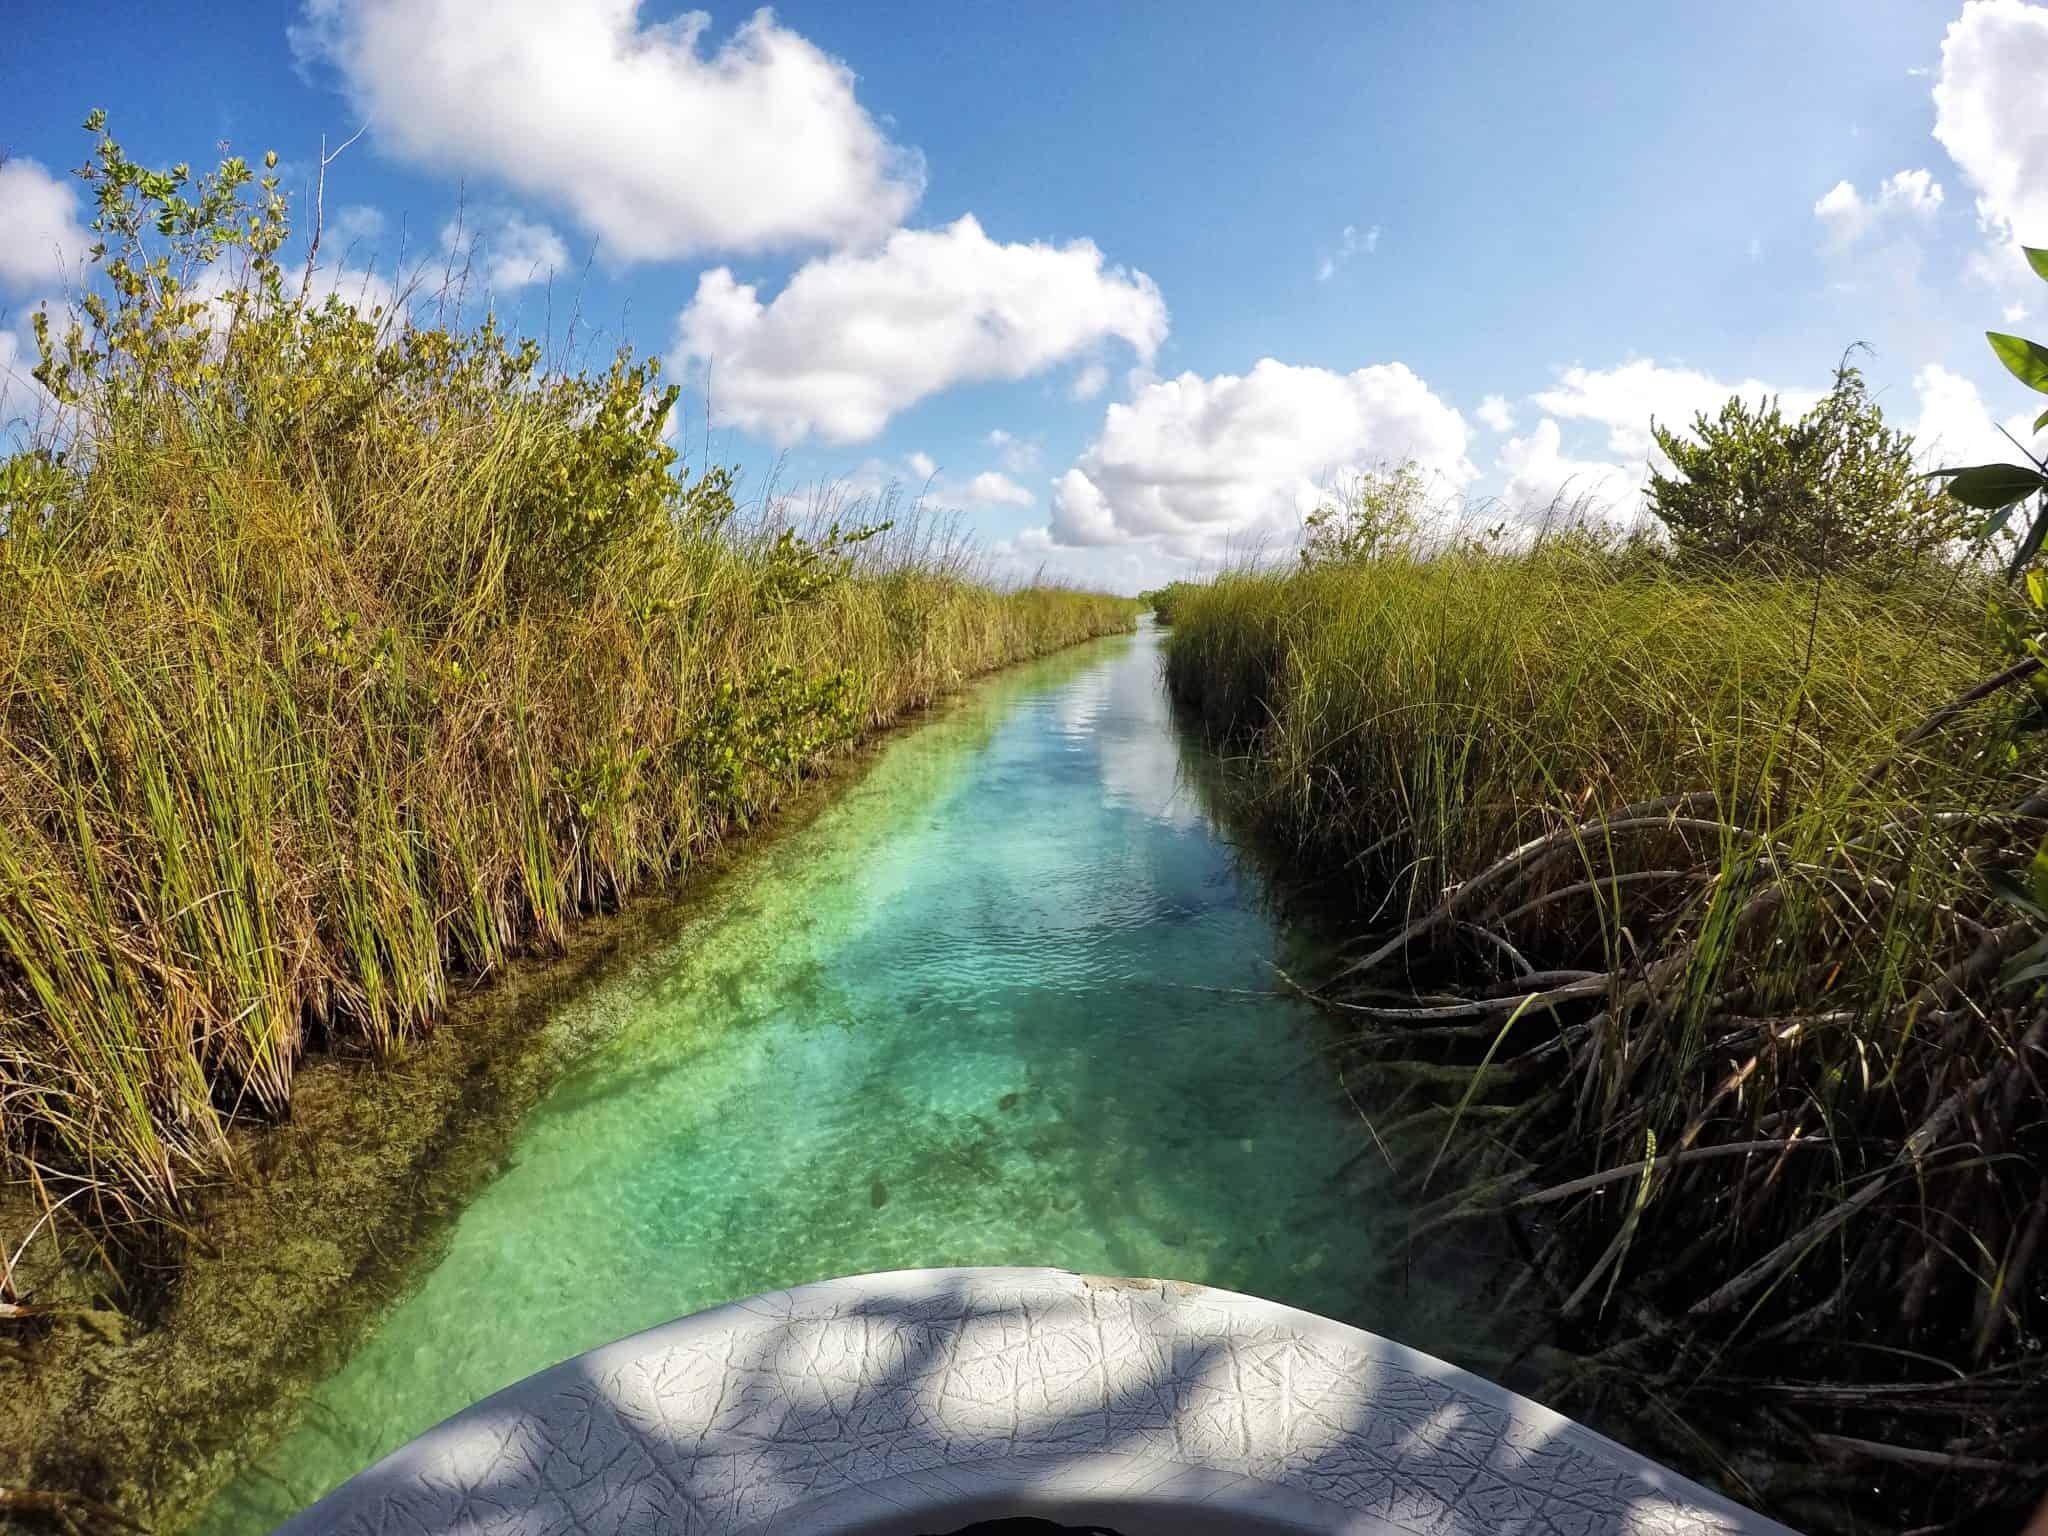 Pelos canais que ligam a reserva de Sian Ka'an ao mar das Caraíbas.